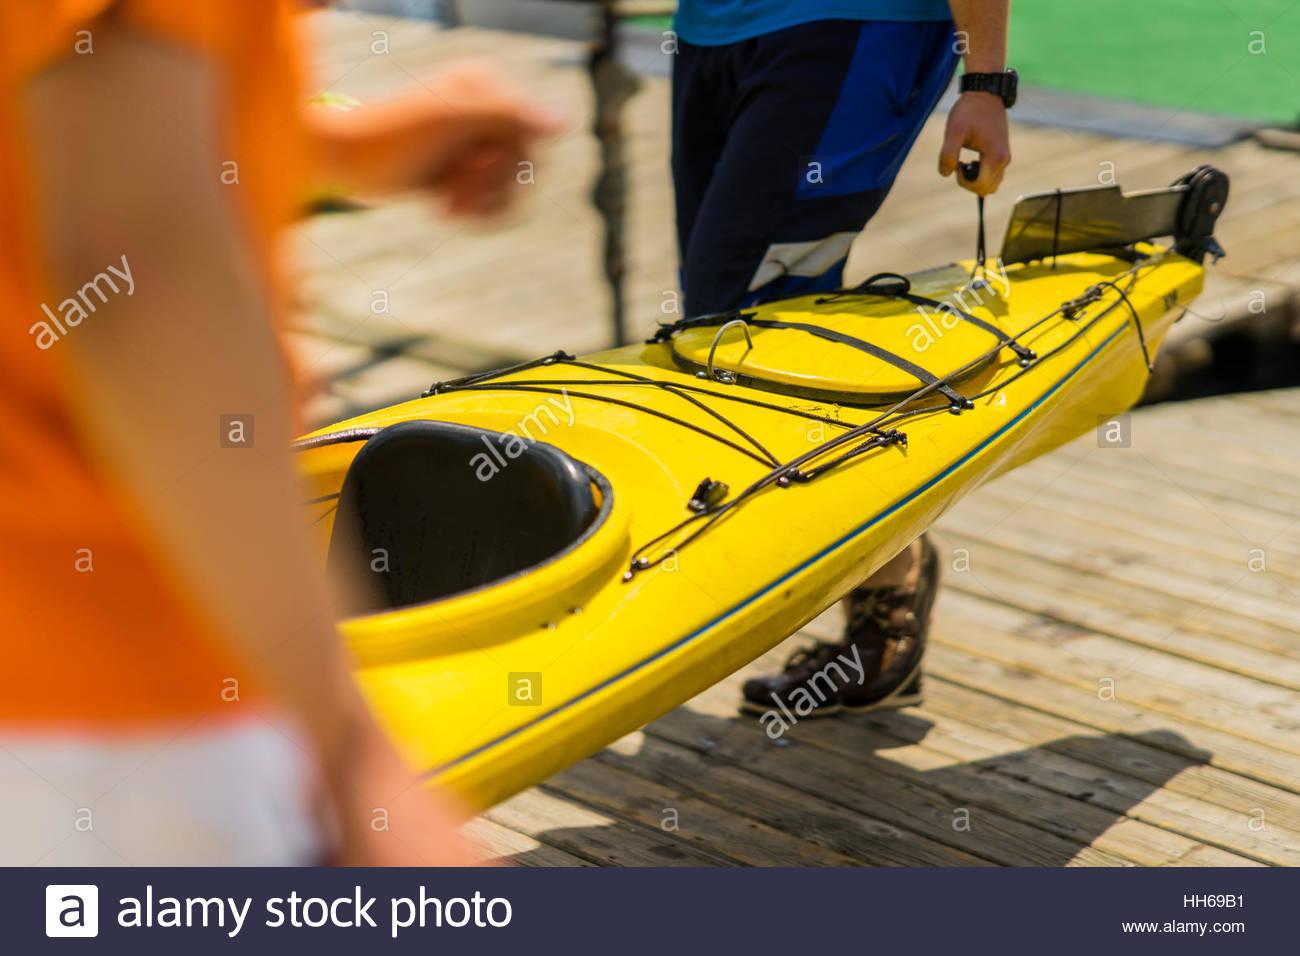 Bunte Kanus und Kajaks am See an einem sonnigen Tag. Zum Sommer Bootfahren und Freizeitsport Aktivitäten auf dem Stockfoto